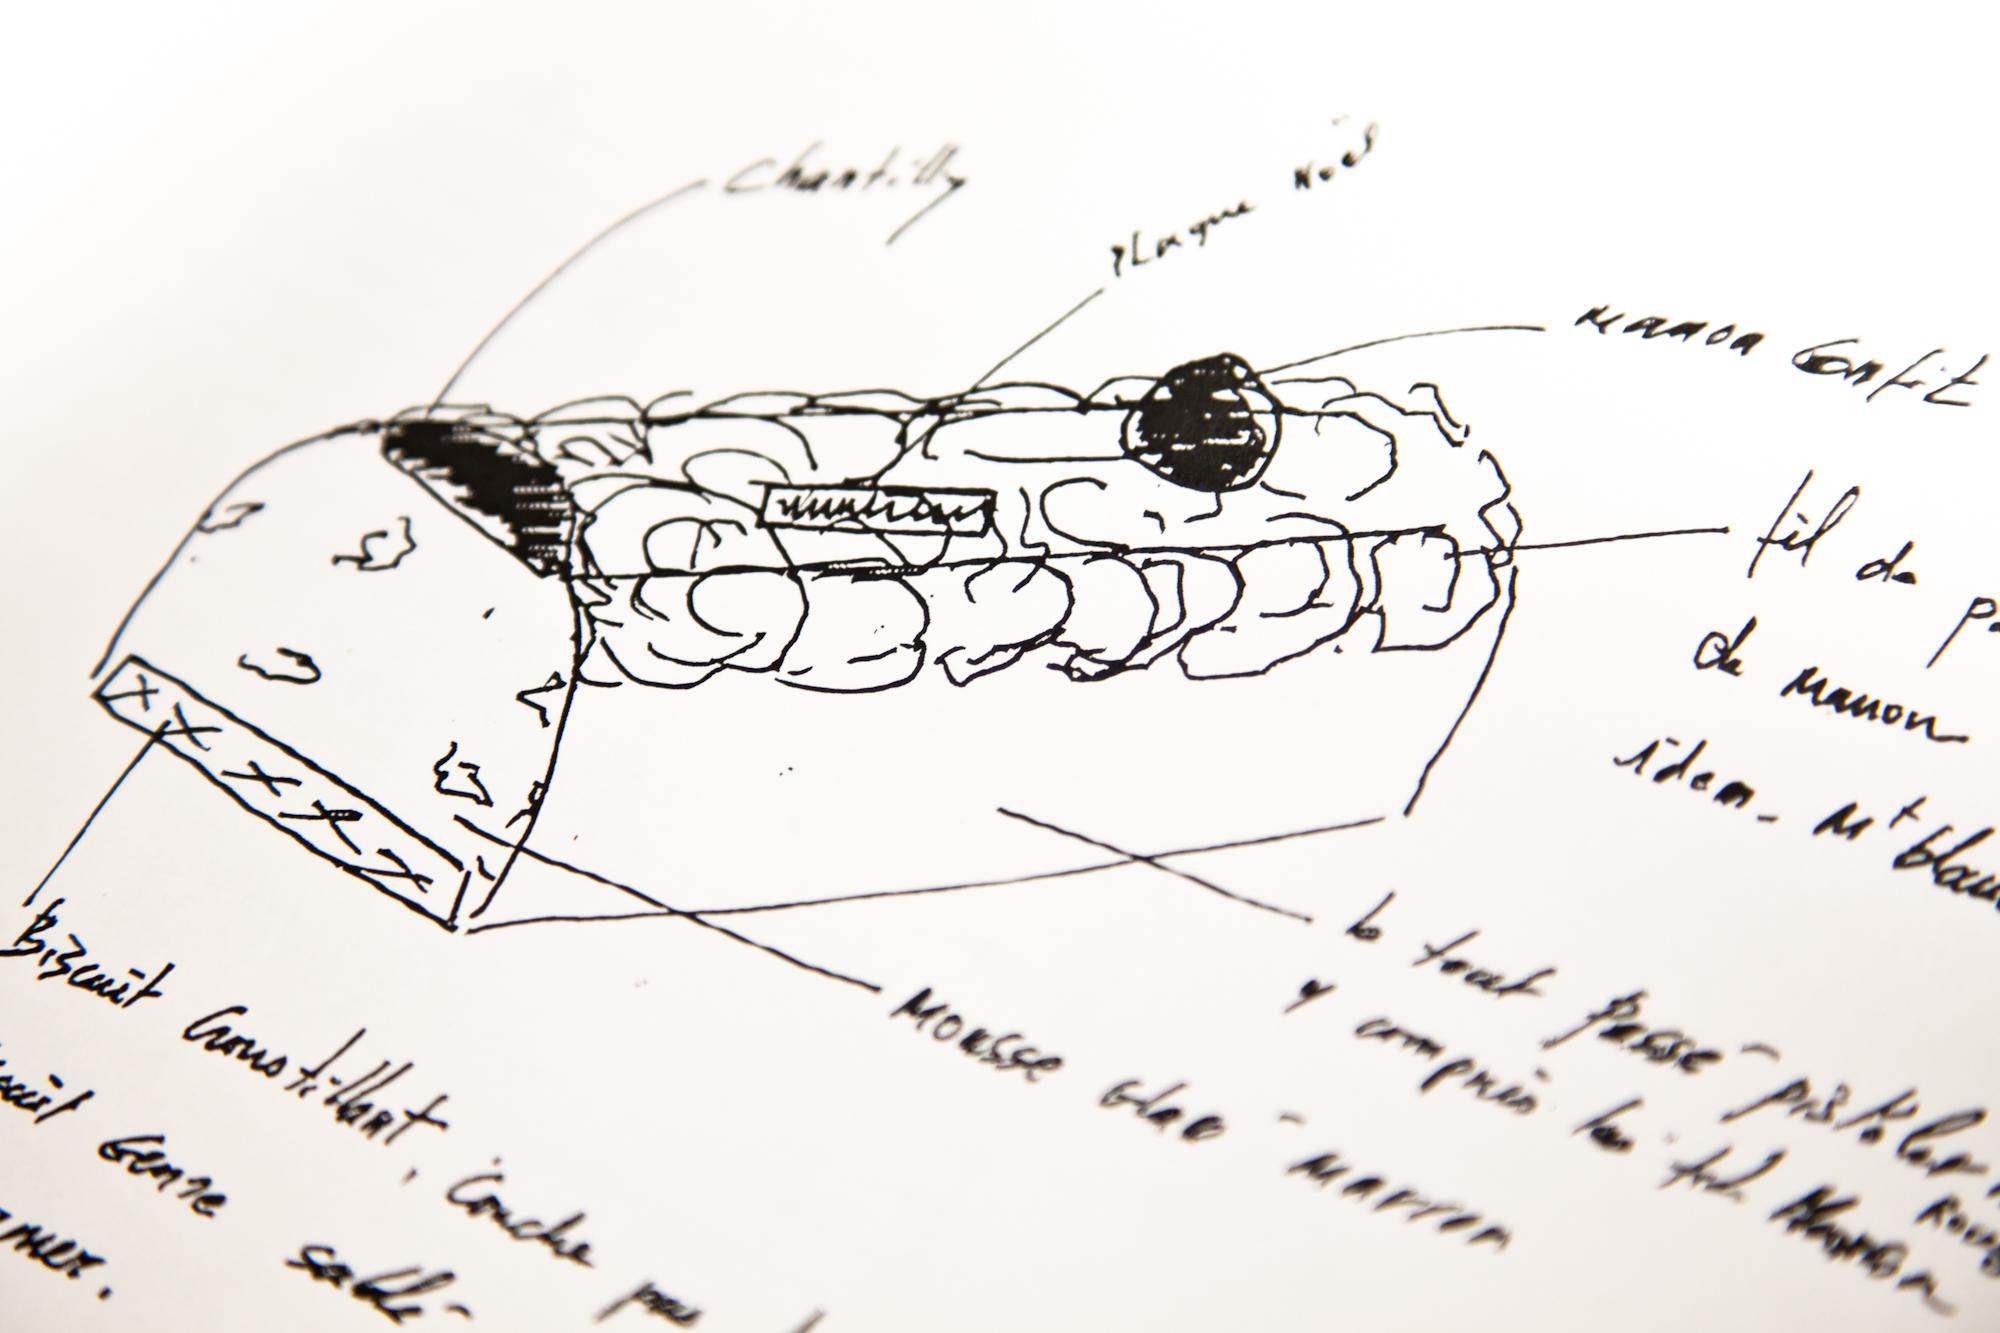 C'est dans ces pages qu'il consigne, comme nombre de ses collègues, les idées et dessins qui lui serviront pour ses prochaines créations. © T.Caron